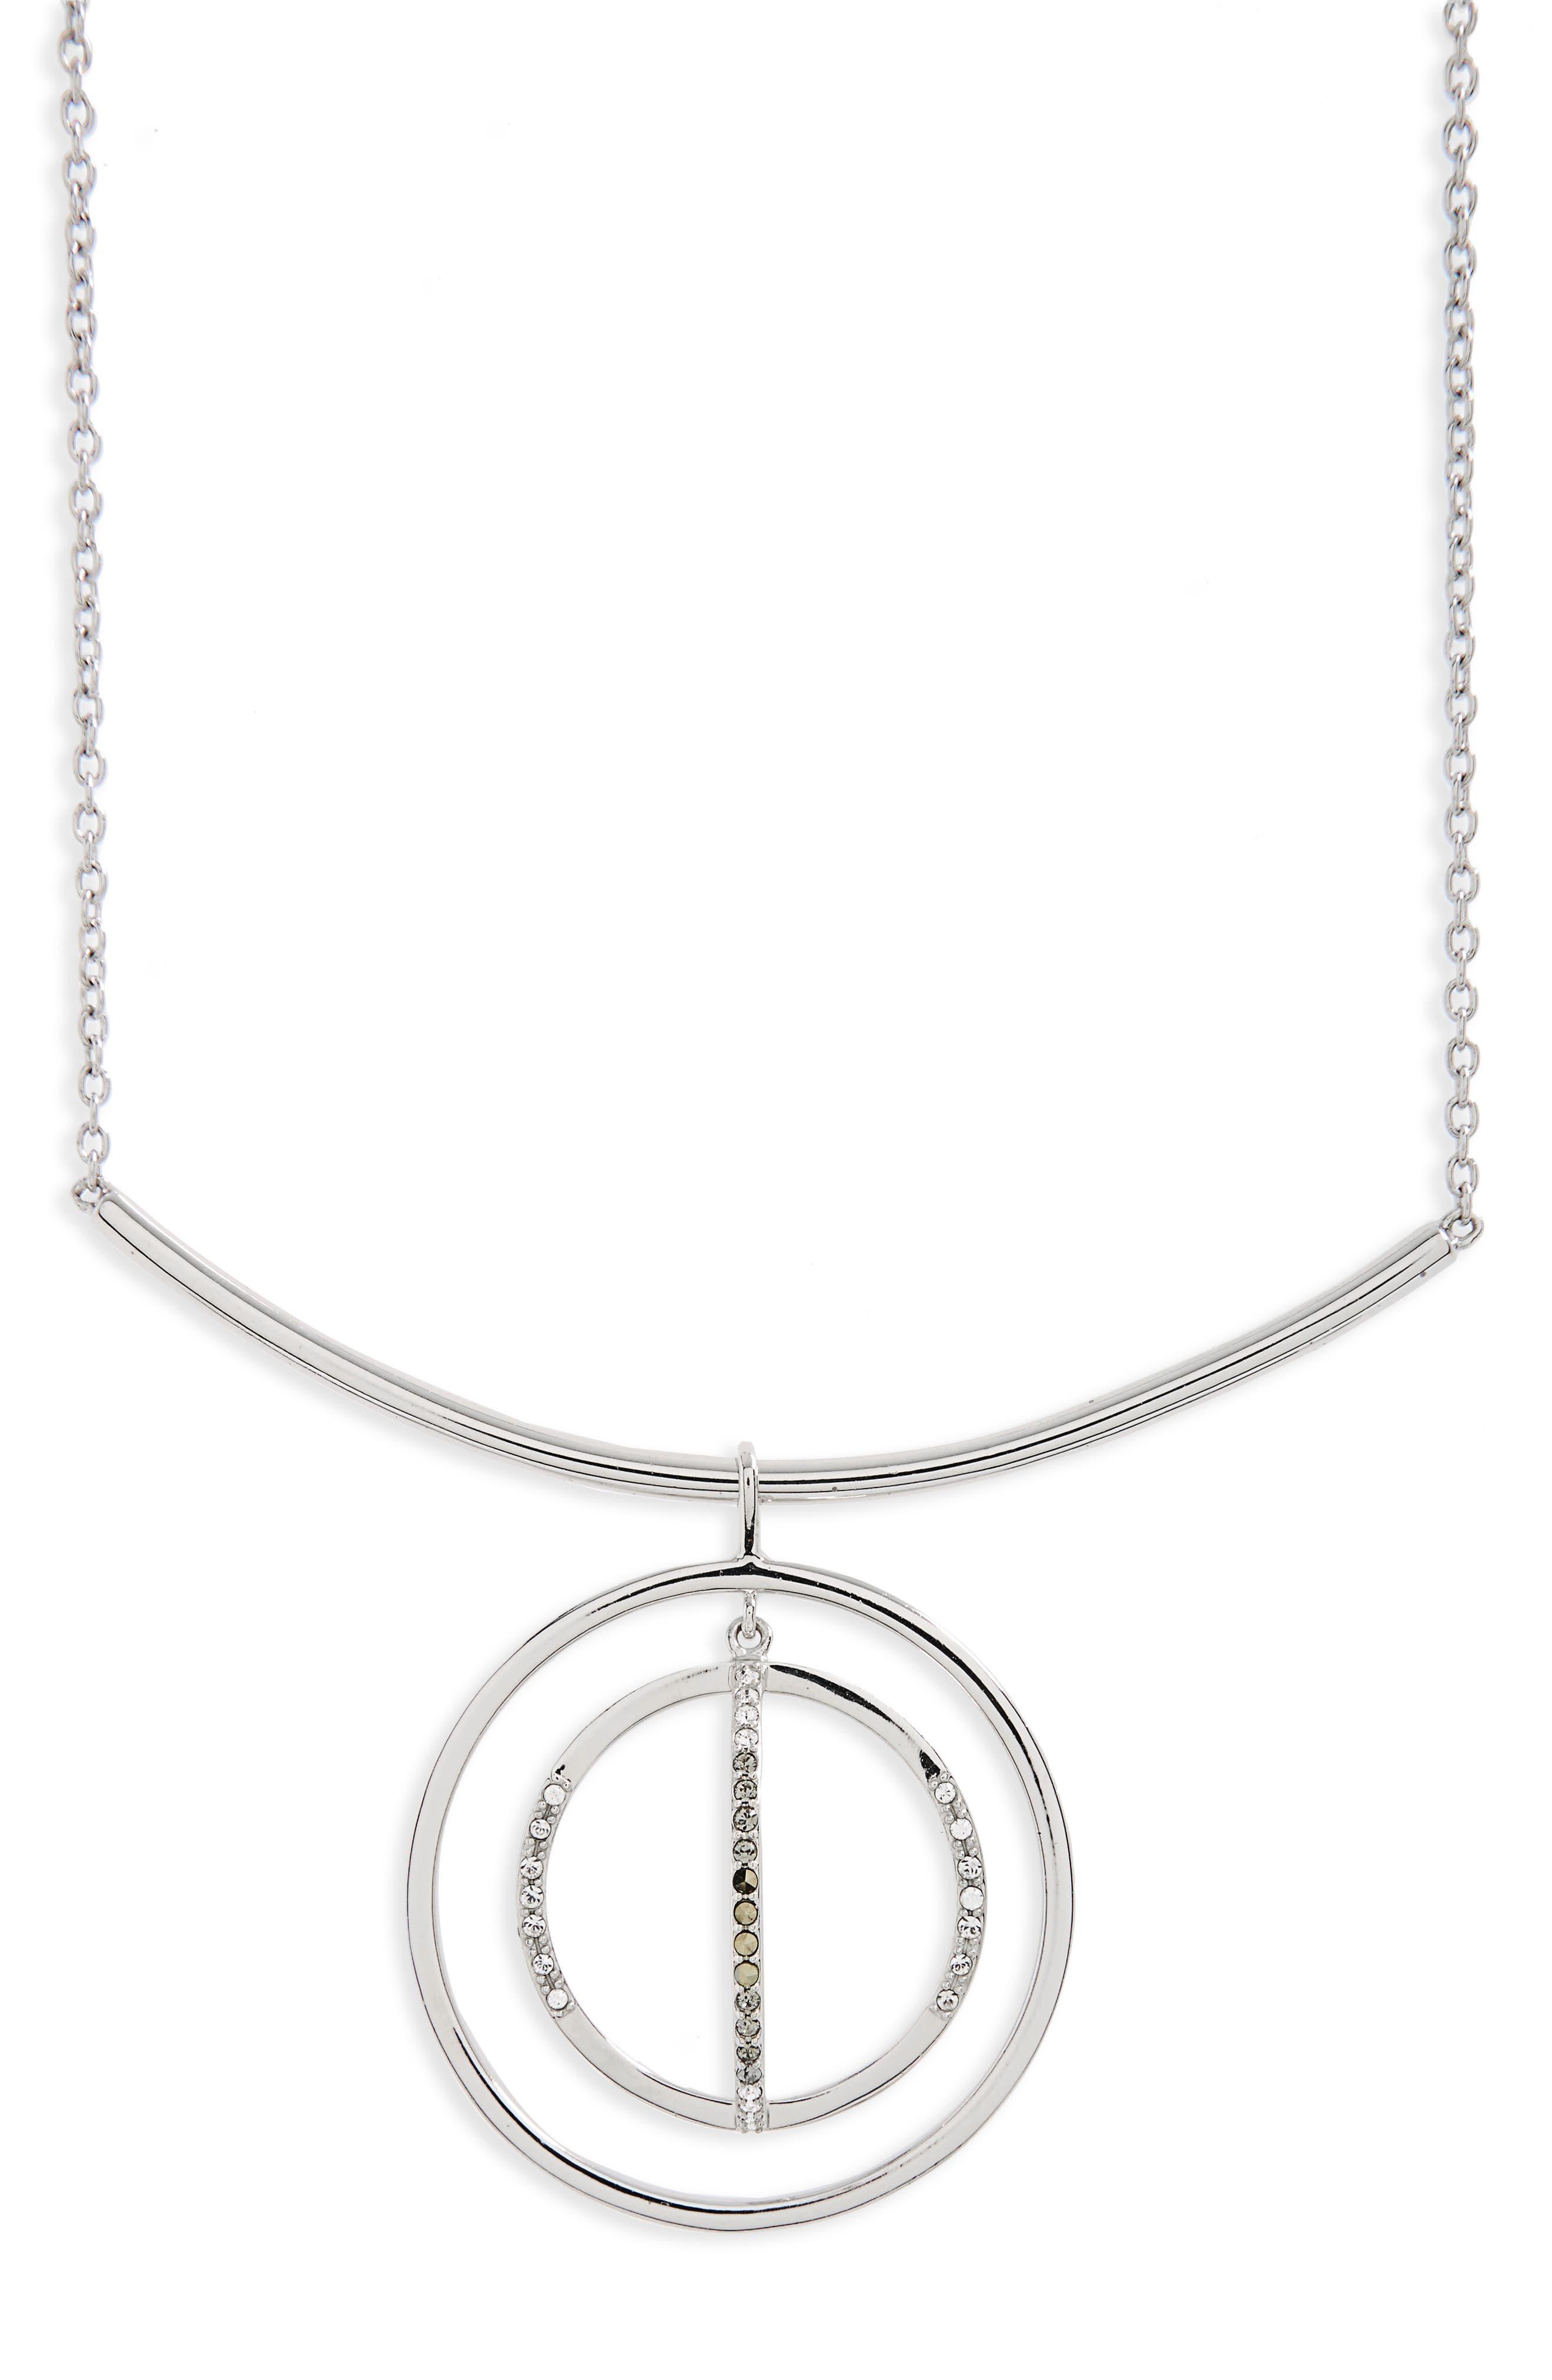 Silver Sparkle Circle Pendant Necklace,                             Main thumbnail 1, color,                             Black Diamond/ Marcasite